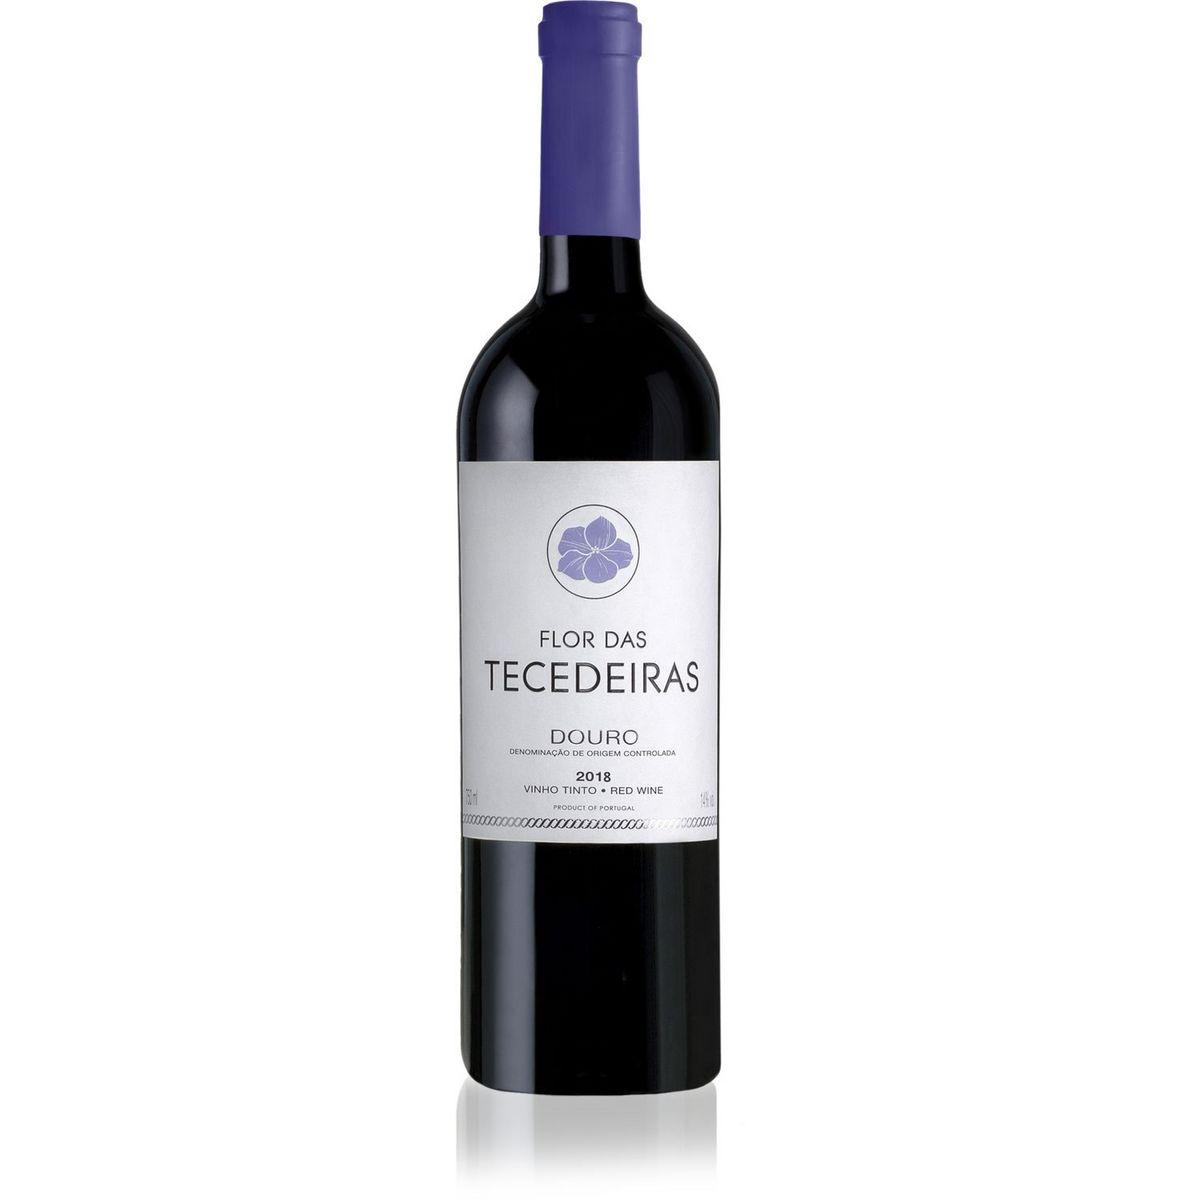 Portugal Douro Flor Das Tecederas 2018 vin du monde